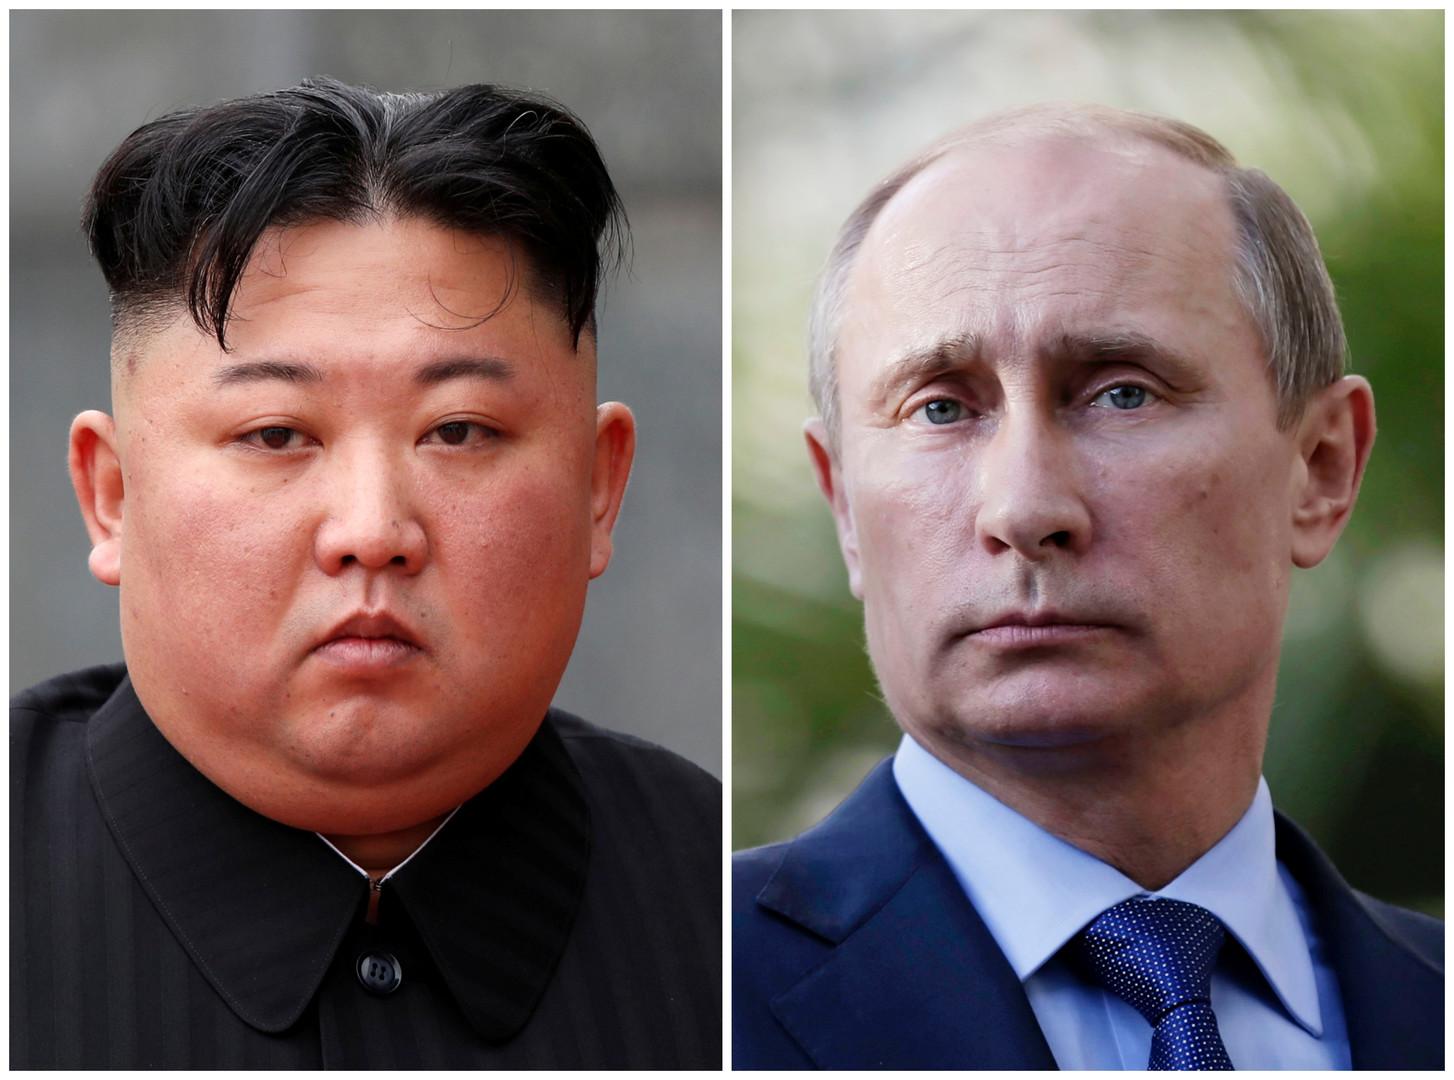 بيسكوف: بوتين وكيم سيناقشان نزع السلاح النووي والتعاون الإقليمي